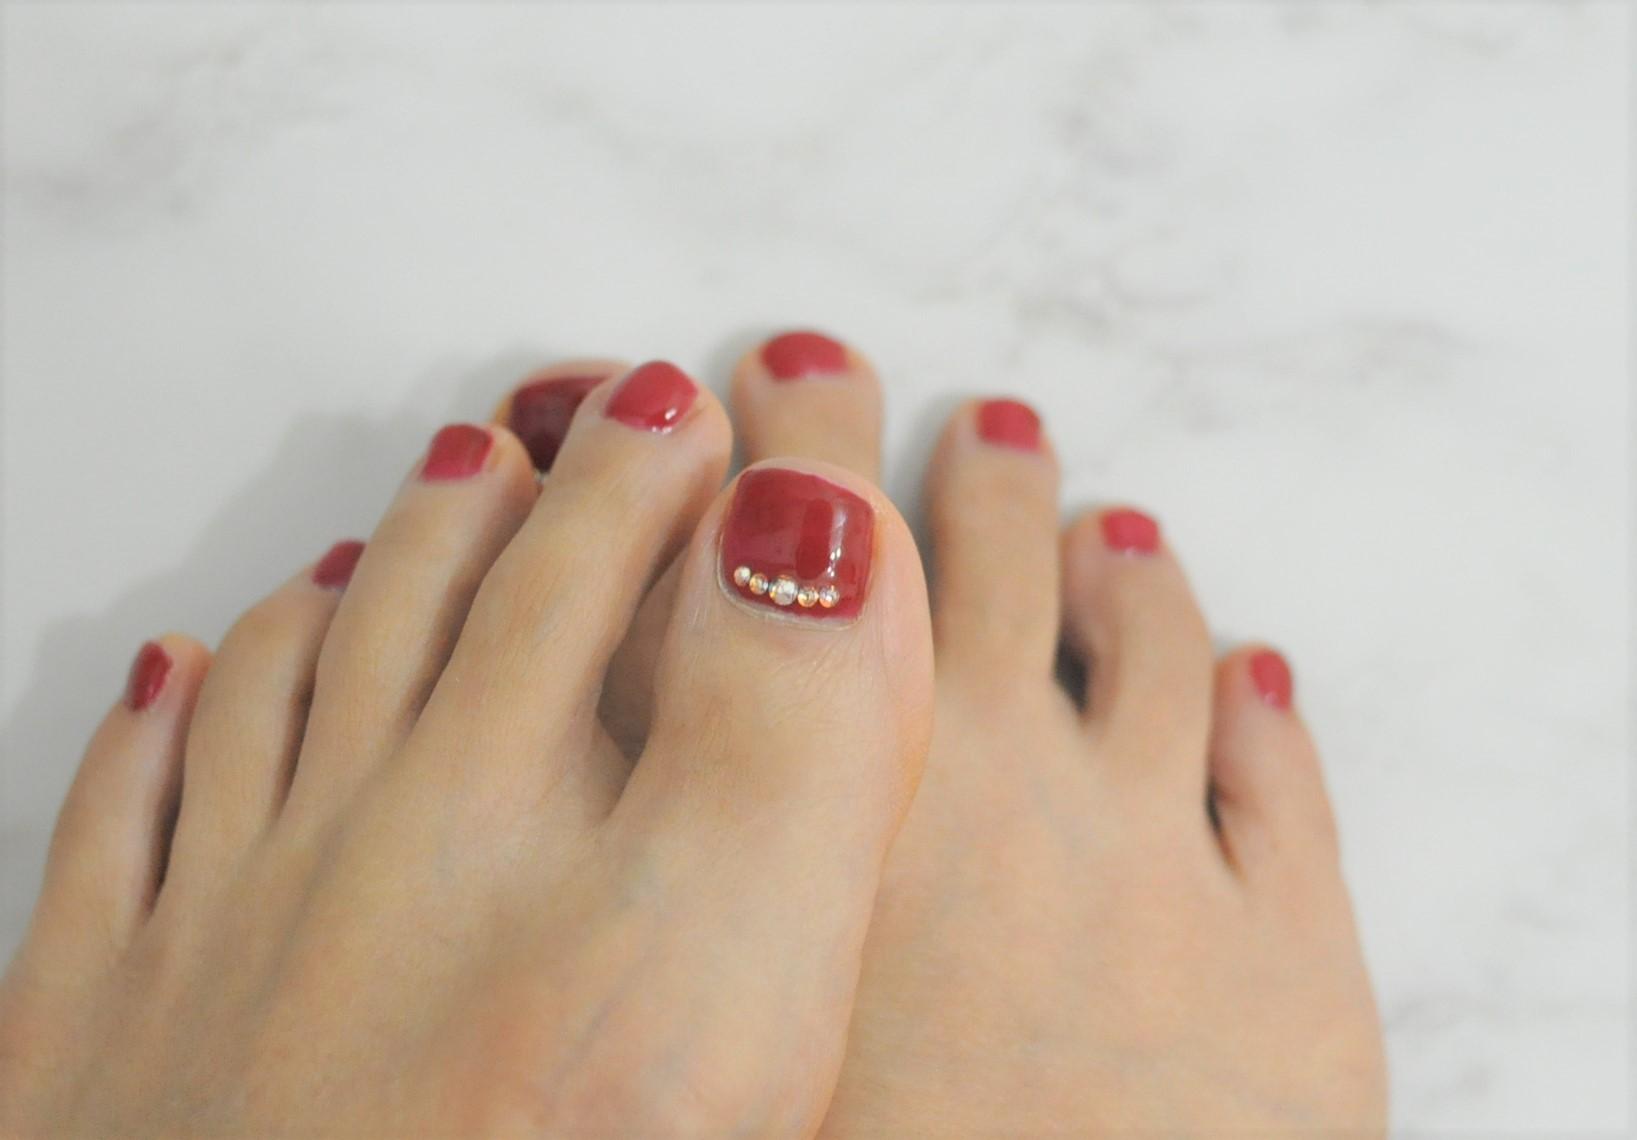 赤フットネイル,大人,初夏フットジェルネイル2021年